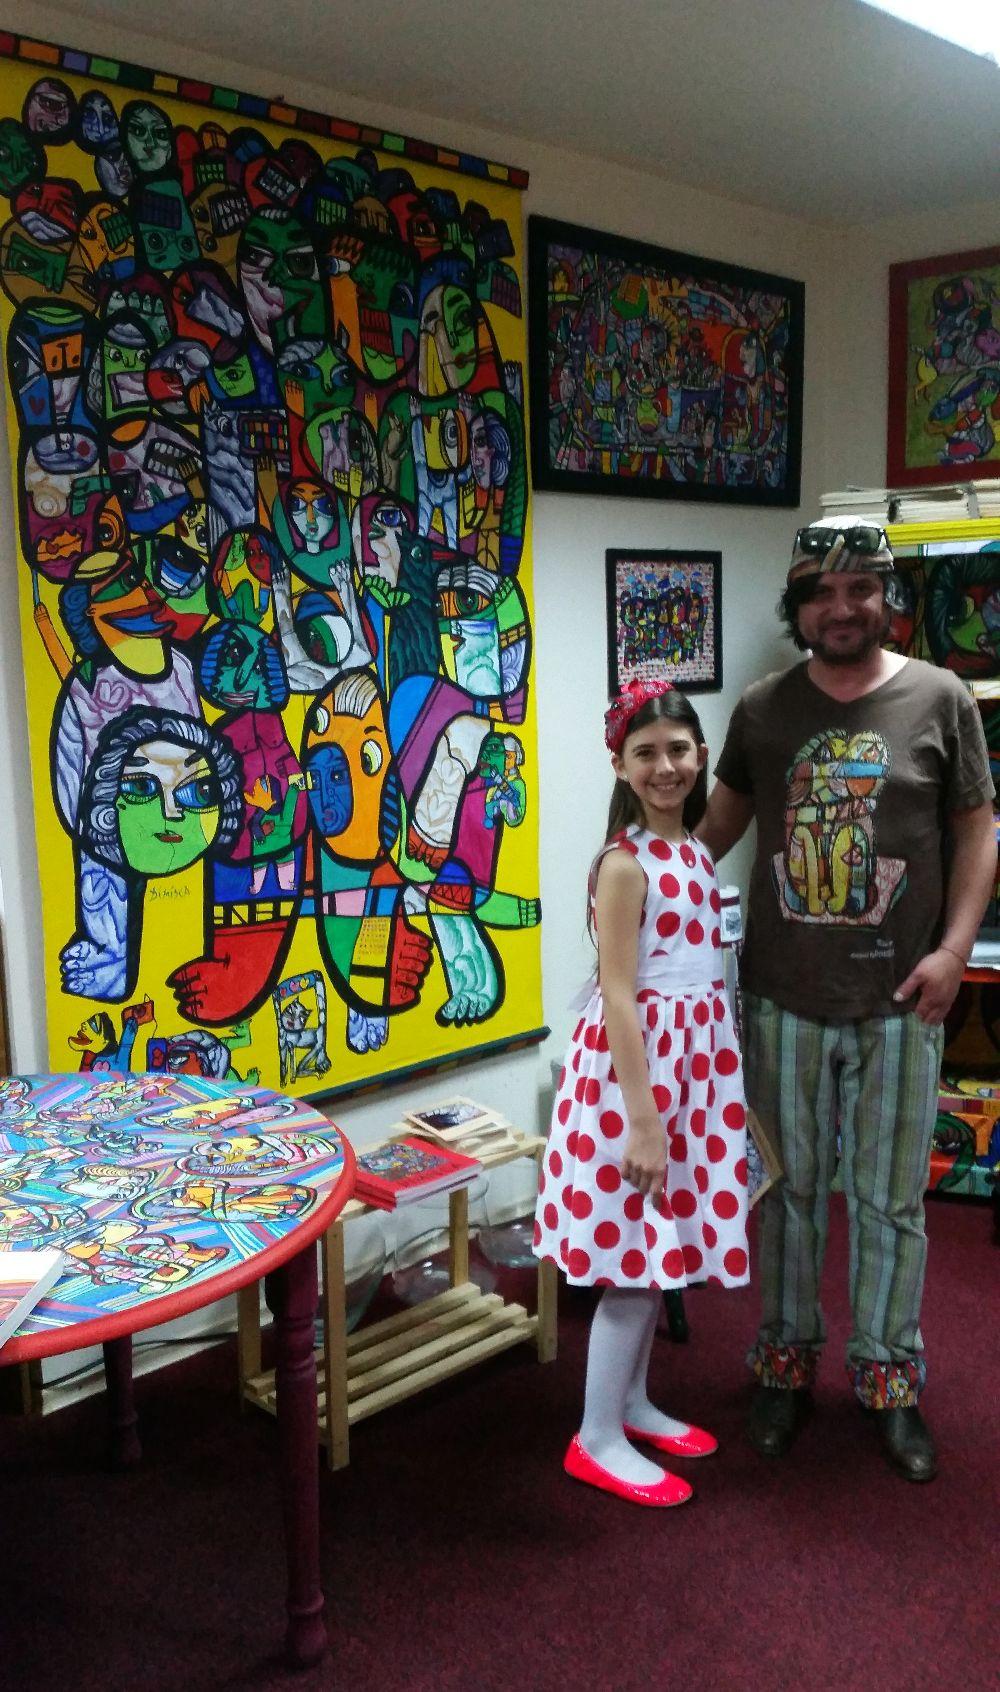 adelaparvu.com despre artistul Laurentiu Dimisca (18)